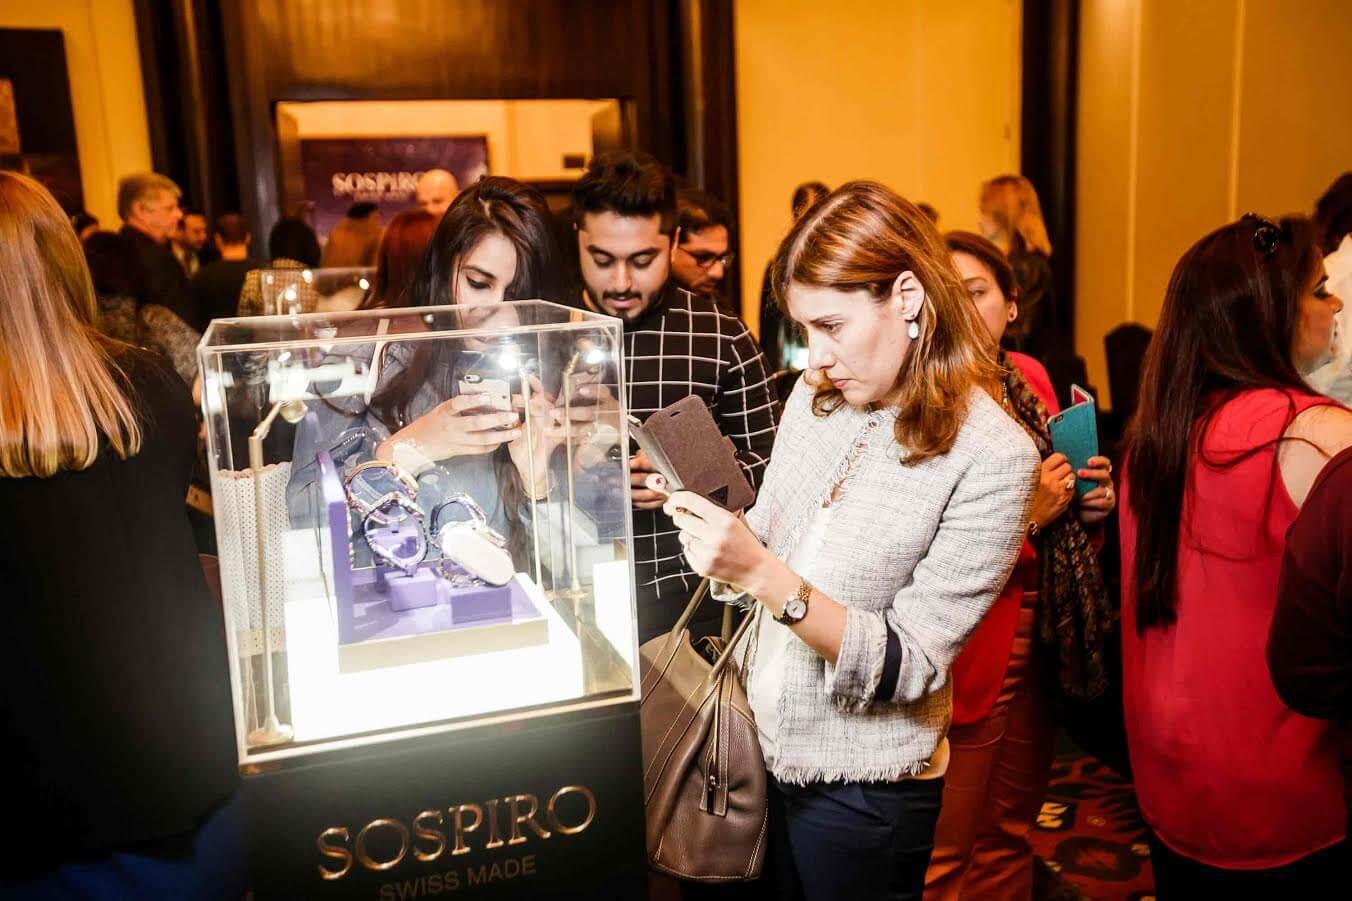 سوسبيرو توفر مجموعة ساعاتها الجديدة في متاجر باريس غاليري